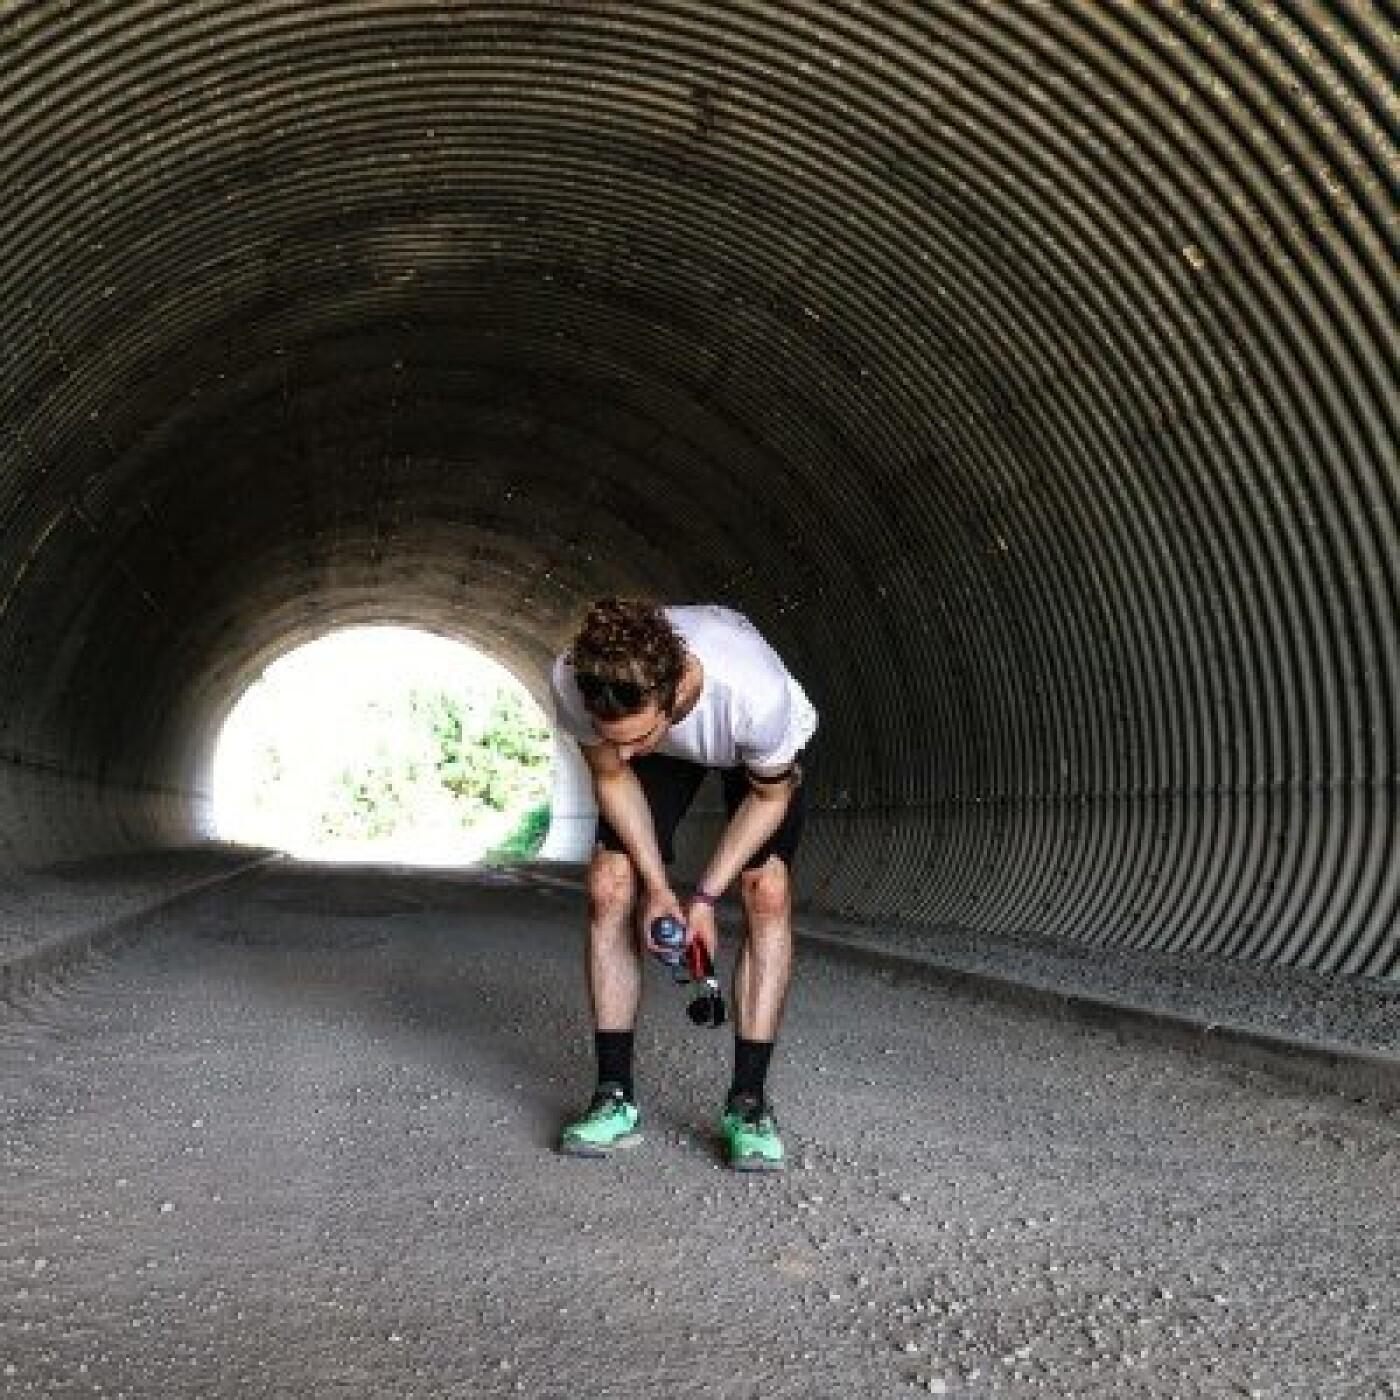 Alex Delecaut traverse la France a Pied, etape à Troyes - 15 07 2021 - StereoChic Radio